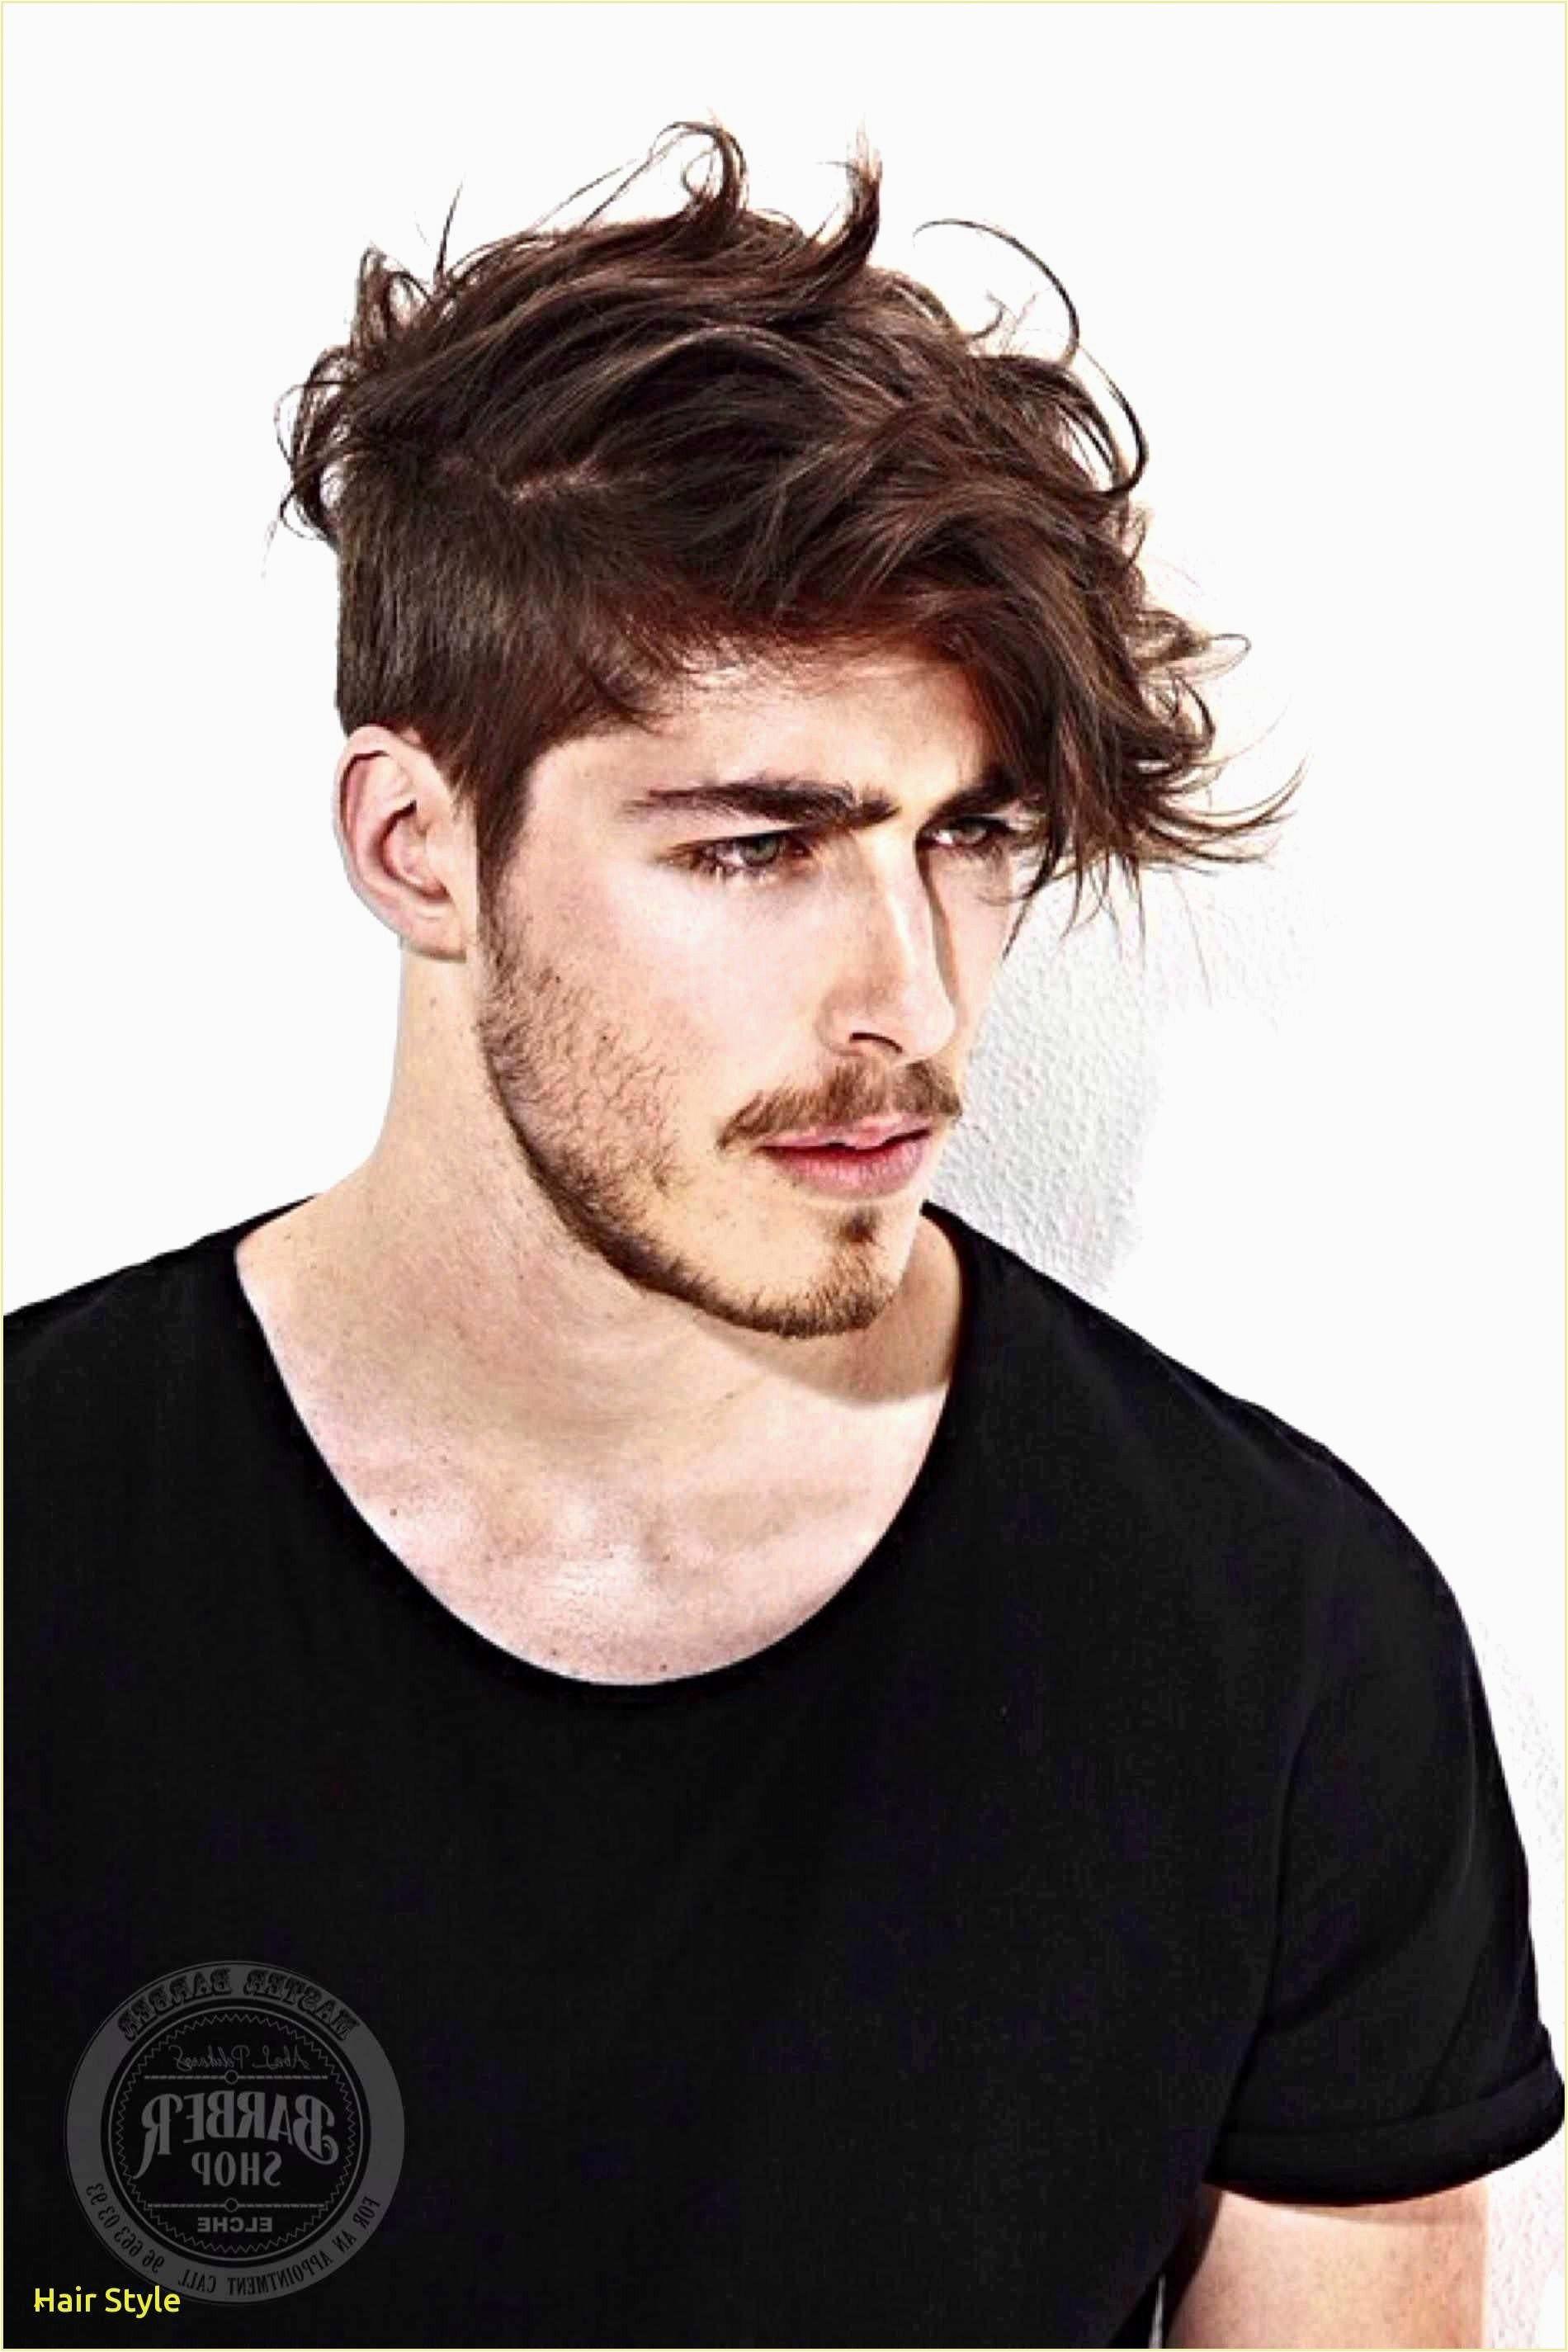 Frisuren Teenager Jungs Lange Haare  Frisuren lange haare männer